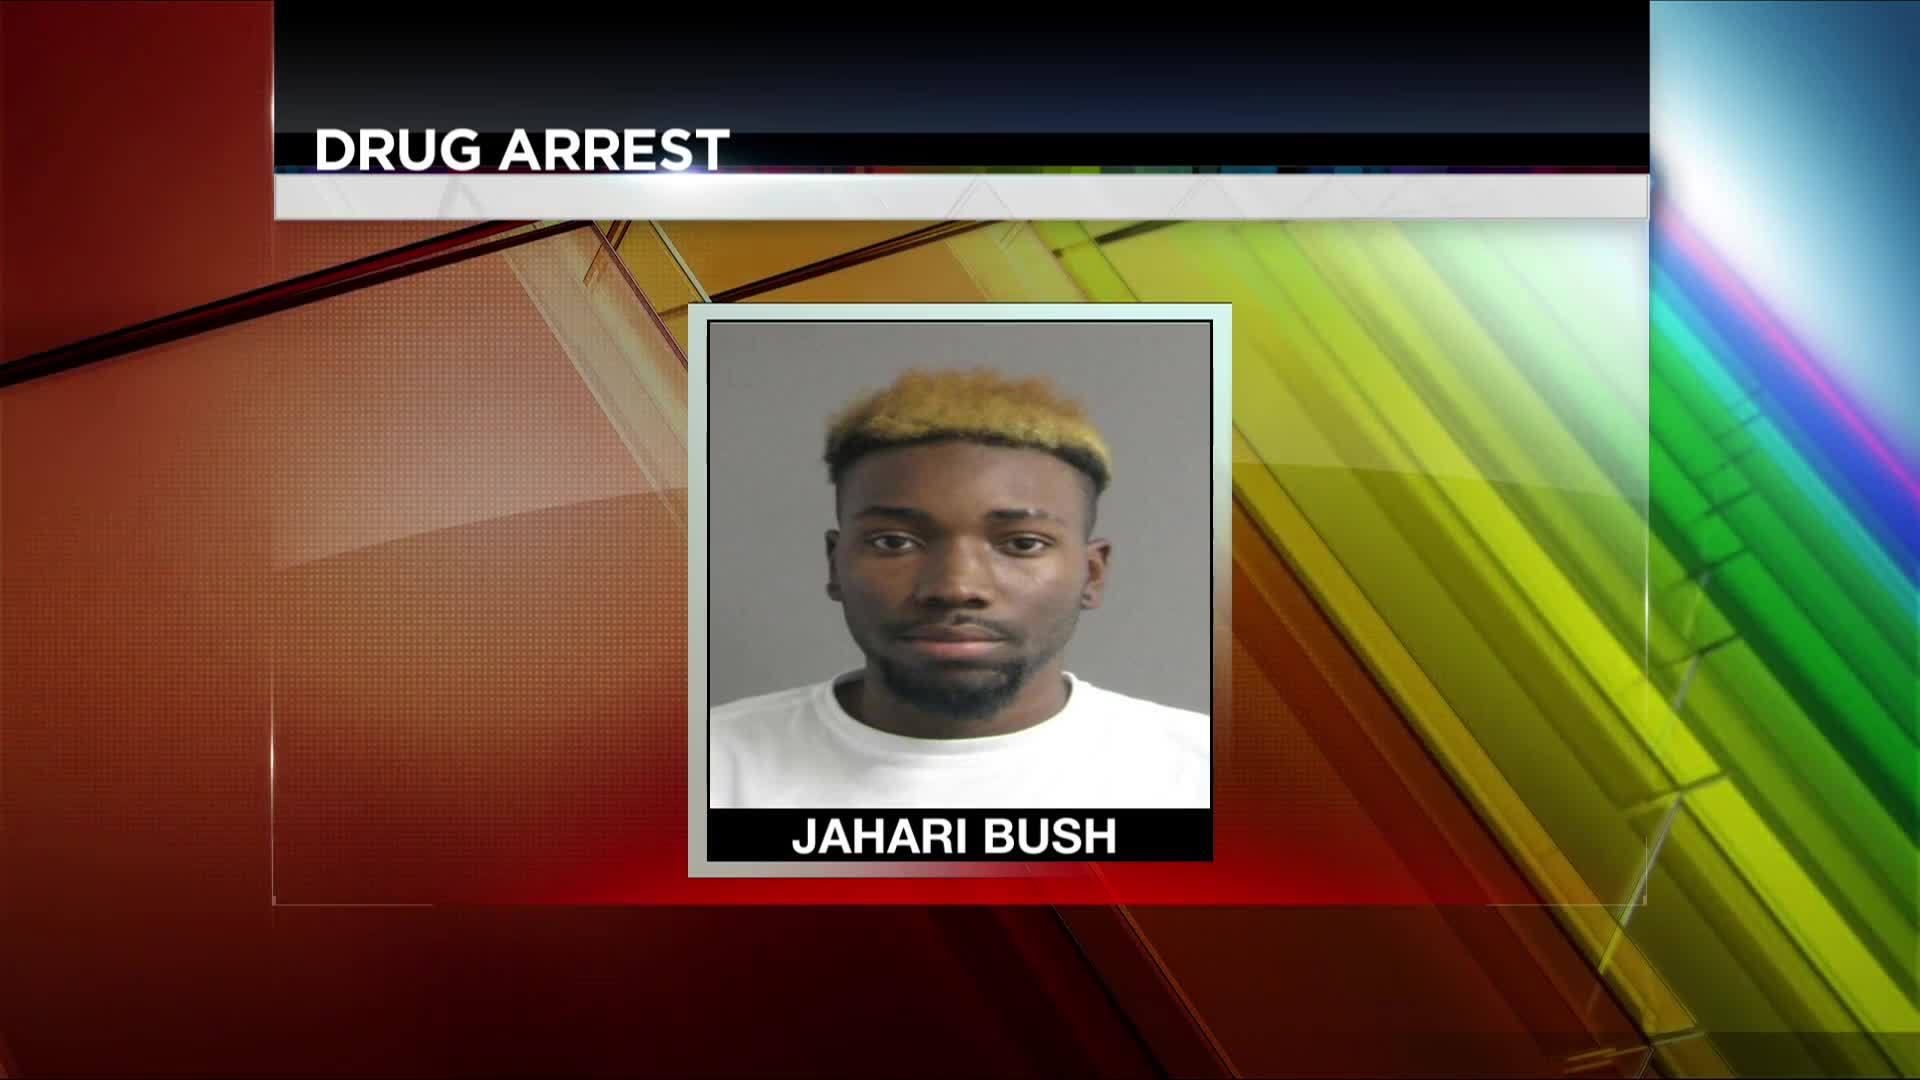 Bath_drug_arrest_6_20181217000940